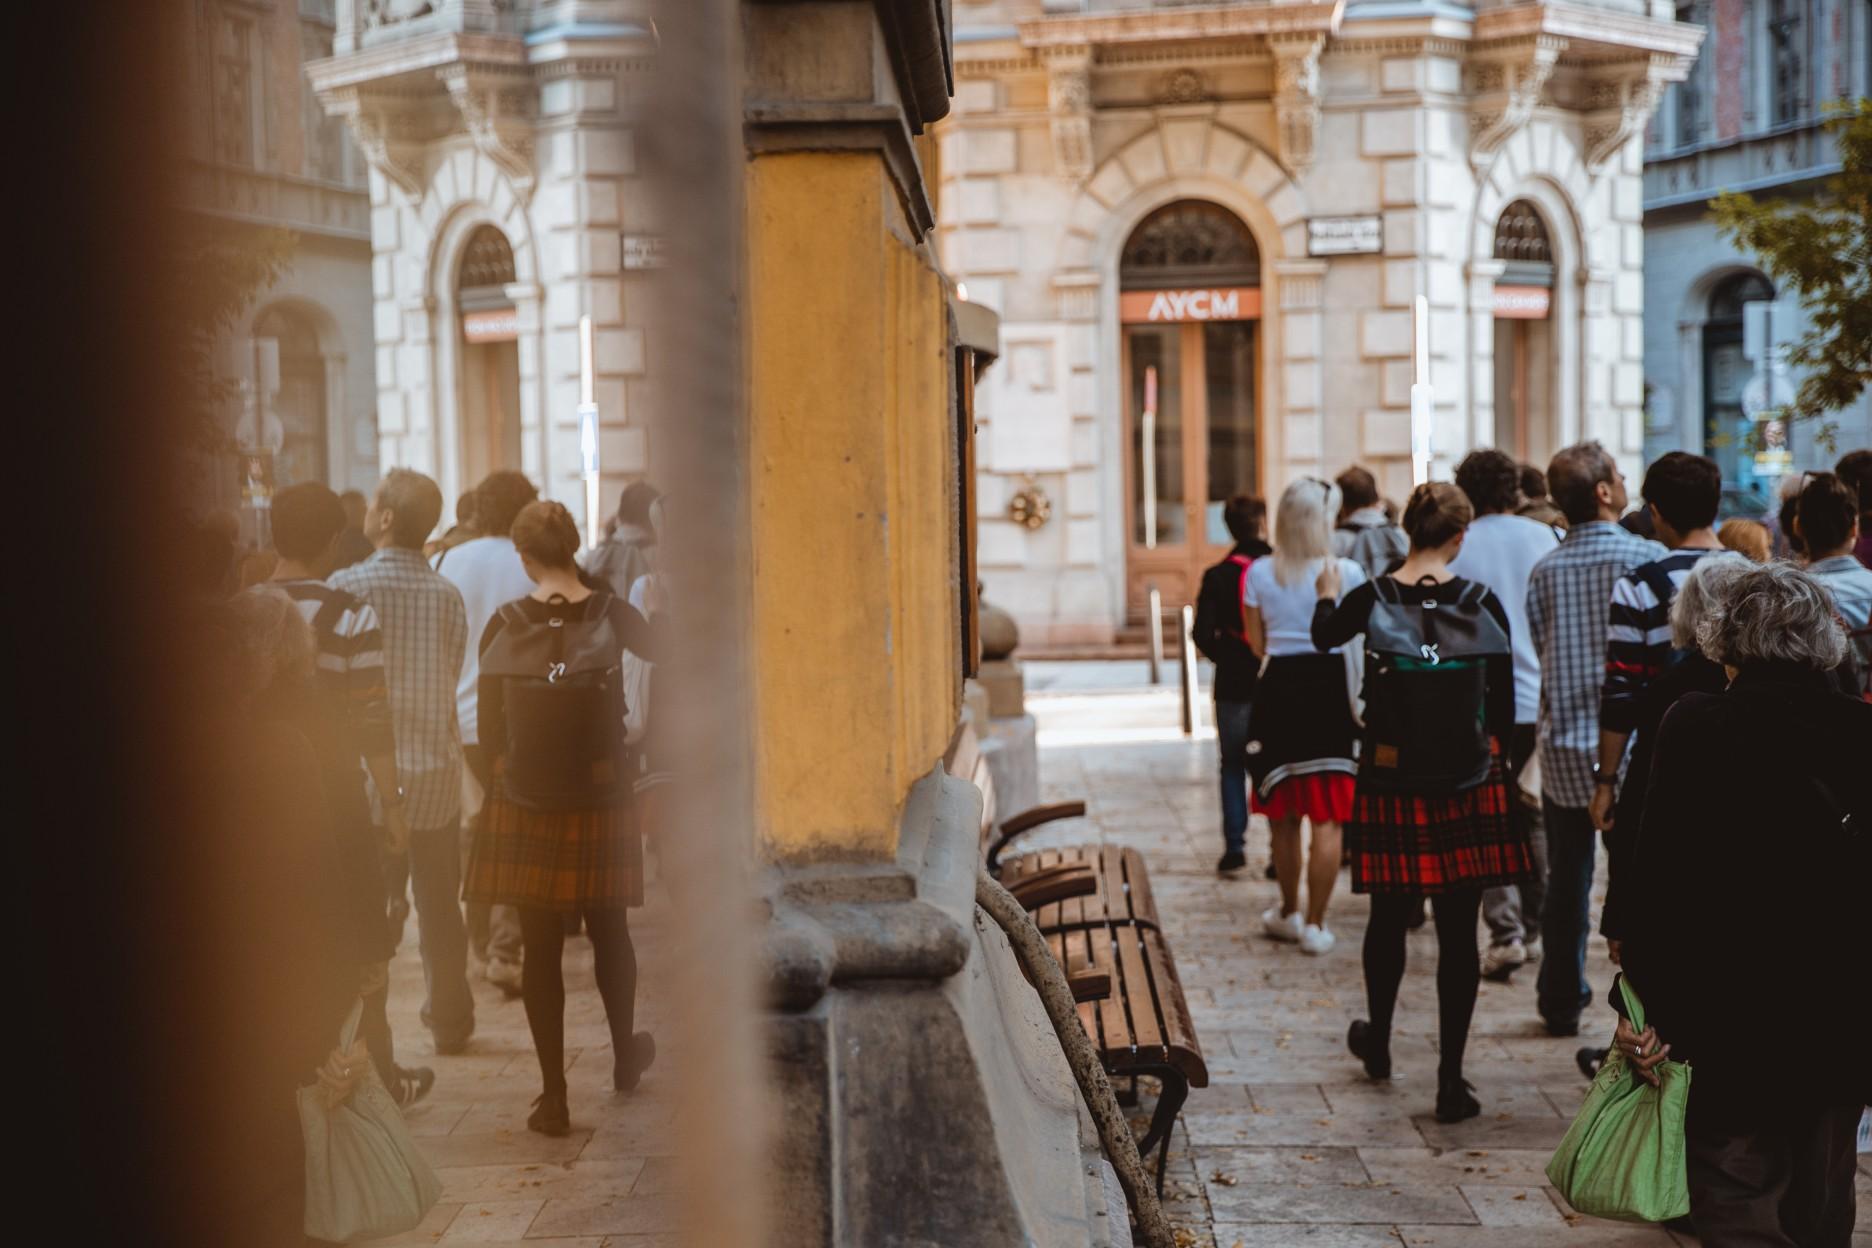 Budapesti sétakalauz: 6 szervezett séta, ha felfedeznéd a város kincseit